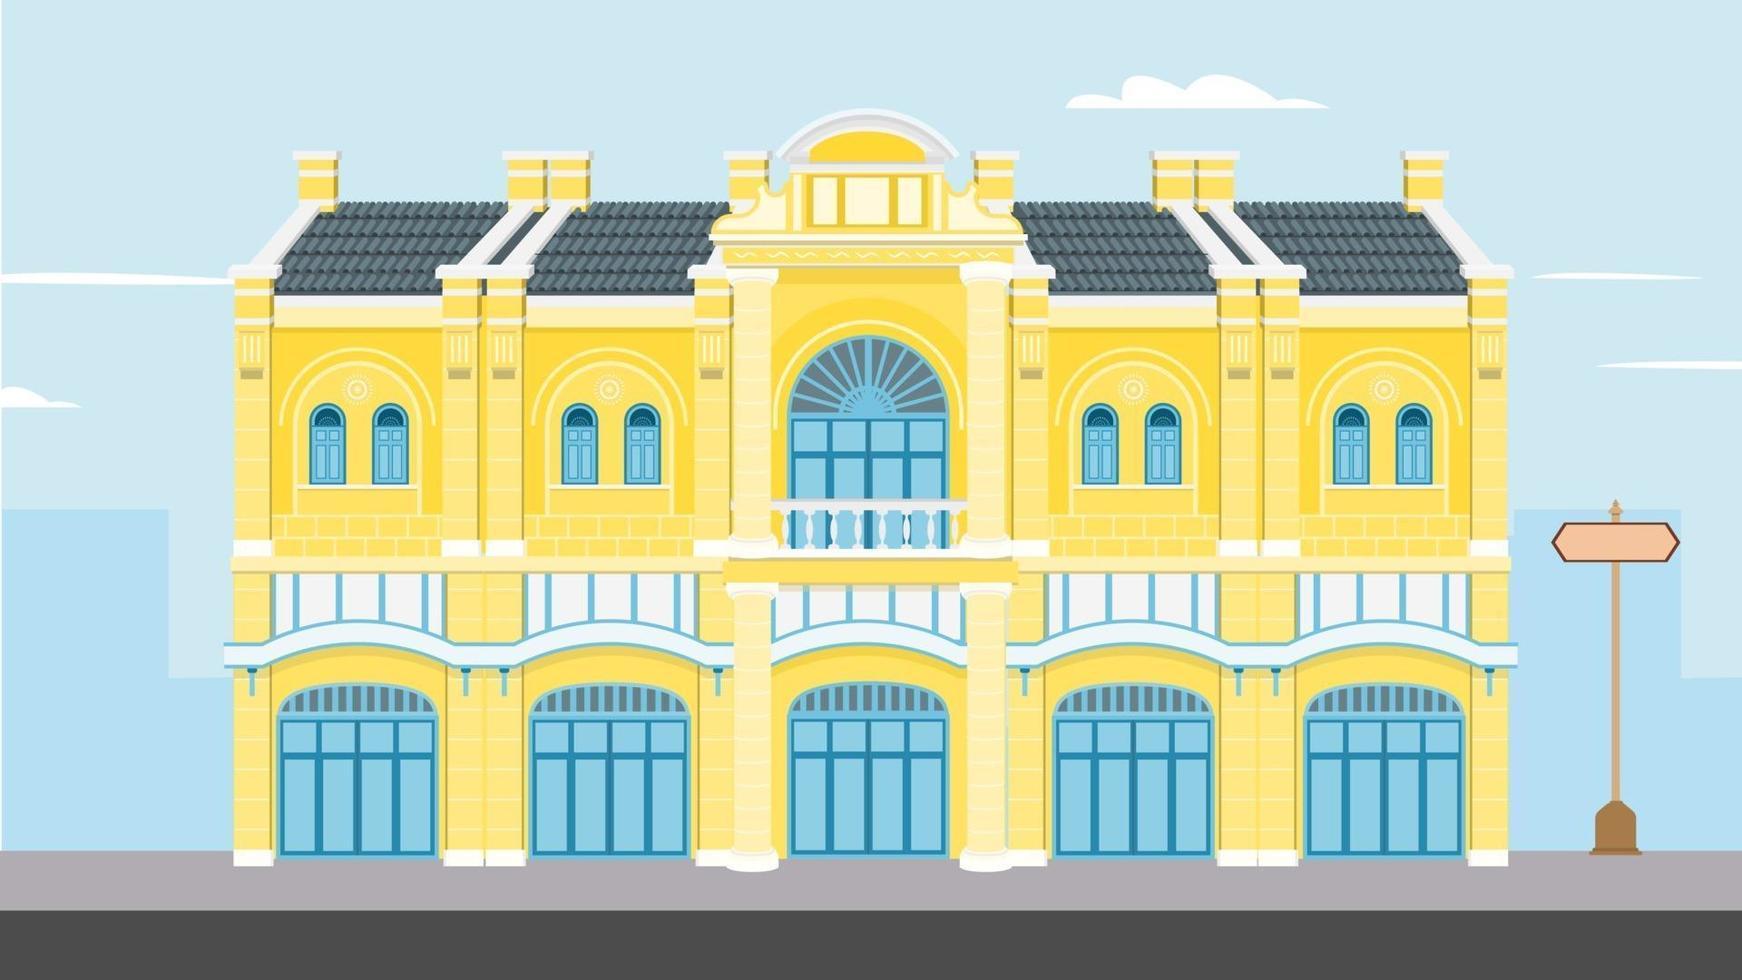 Thaise vintage gebouw vectorillustratie. overheidsgebouwen op straat plat ontwerp. oud historisch gebouw in bangkok. klassiek huis op straat met stadsachtergrond vector